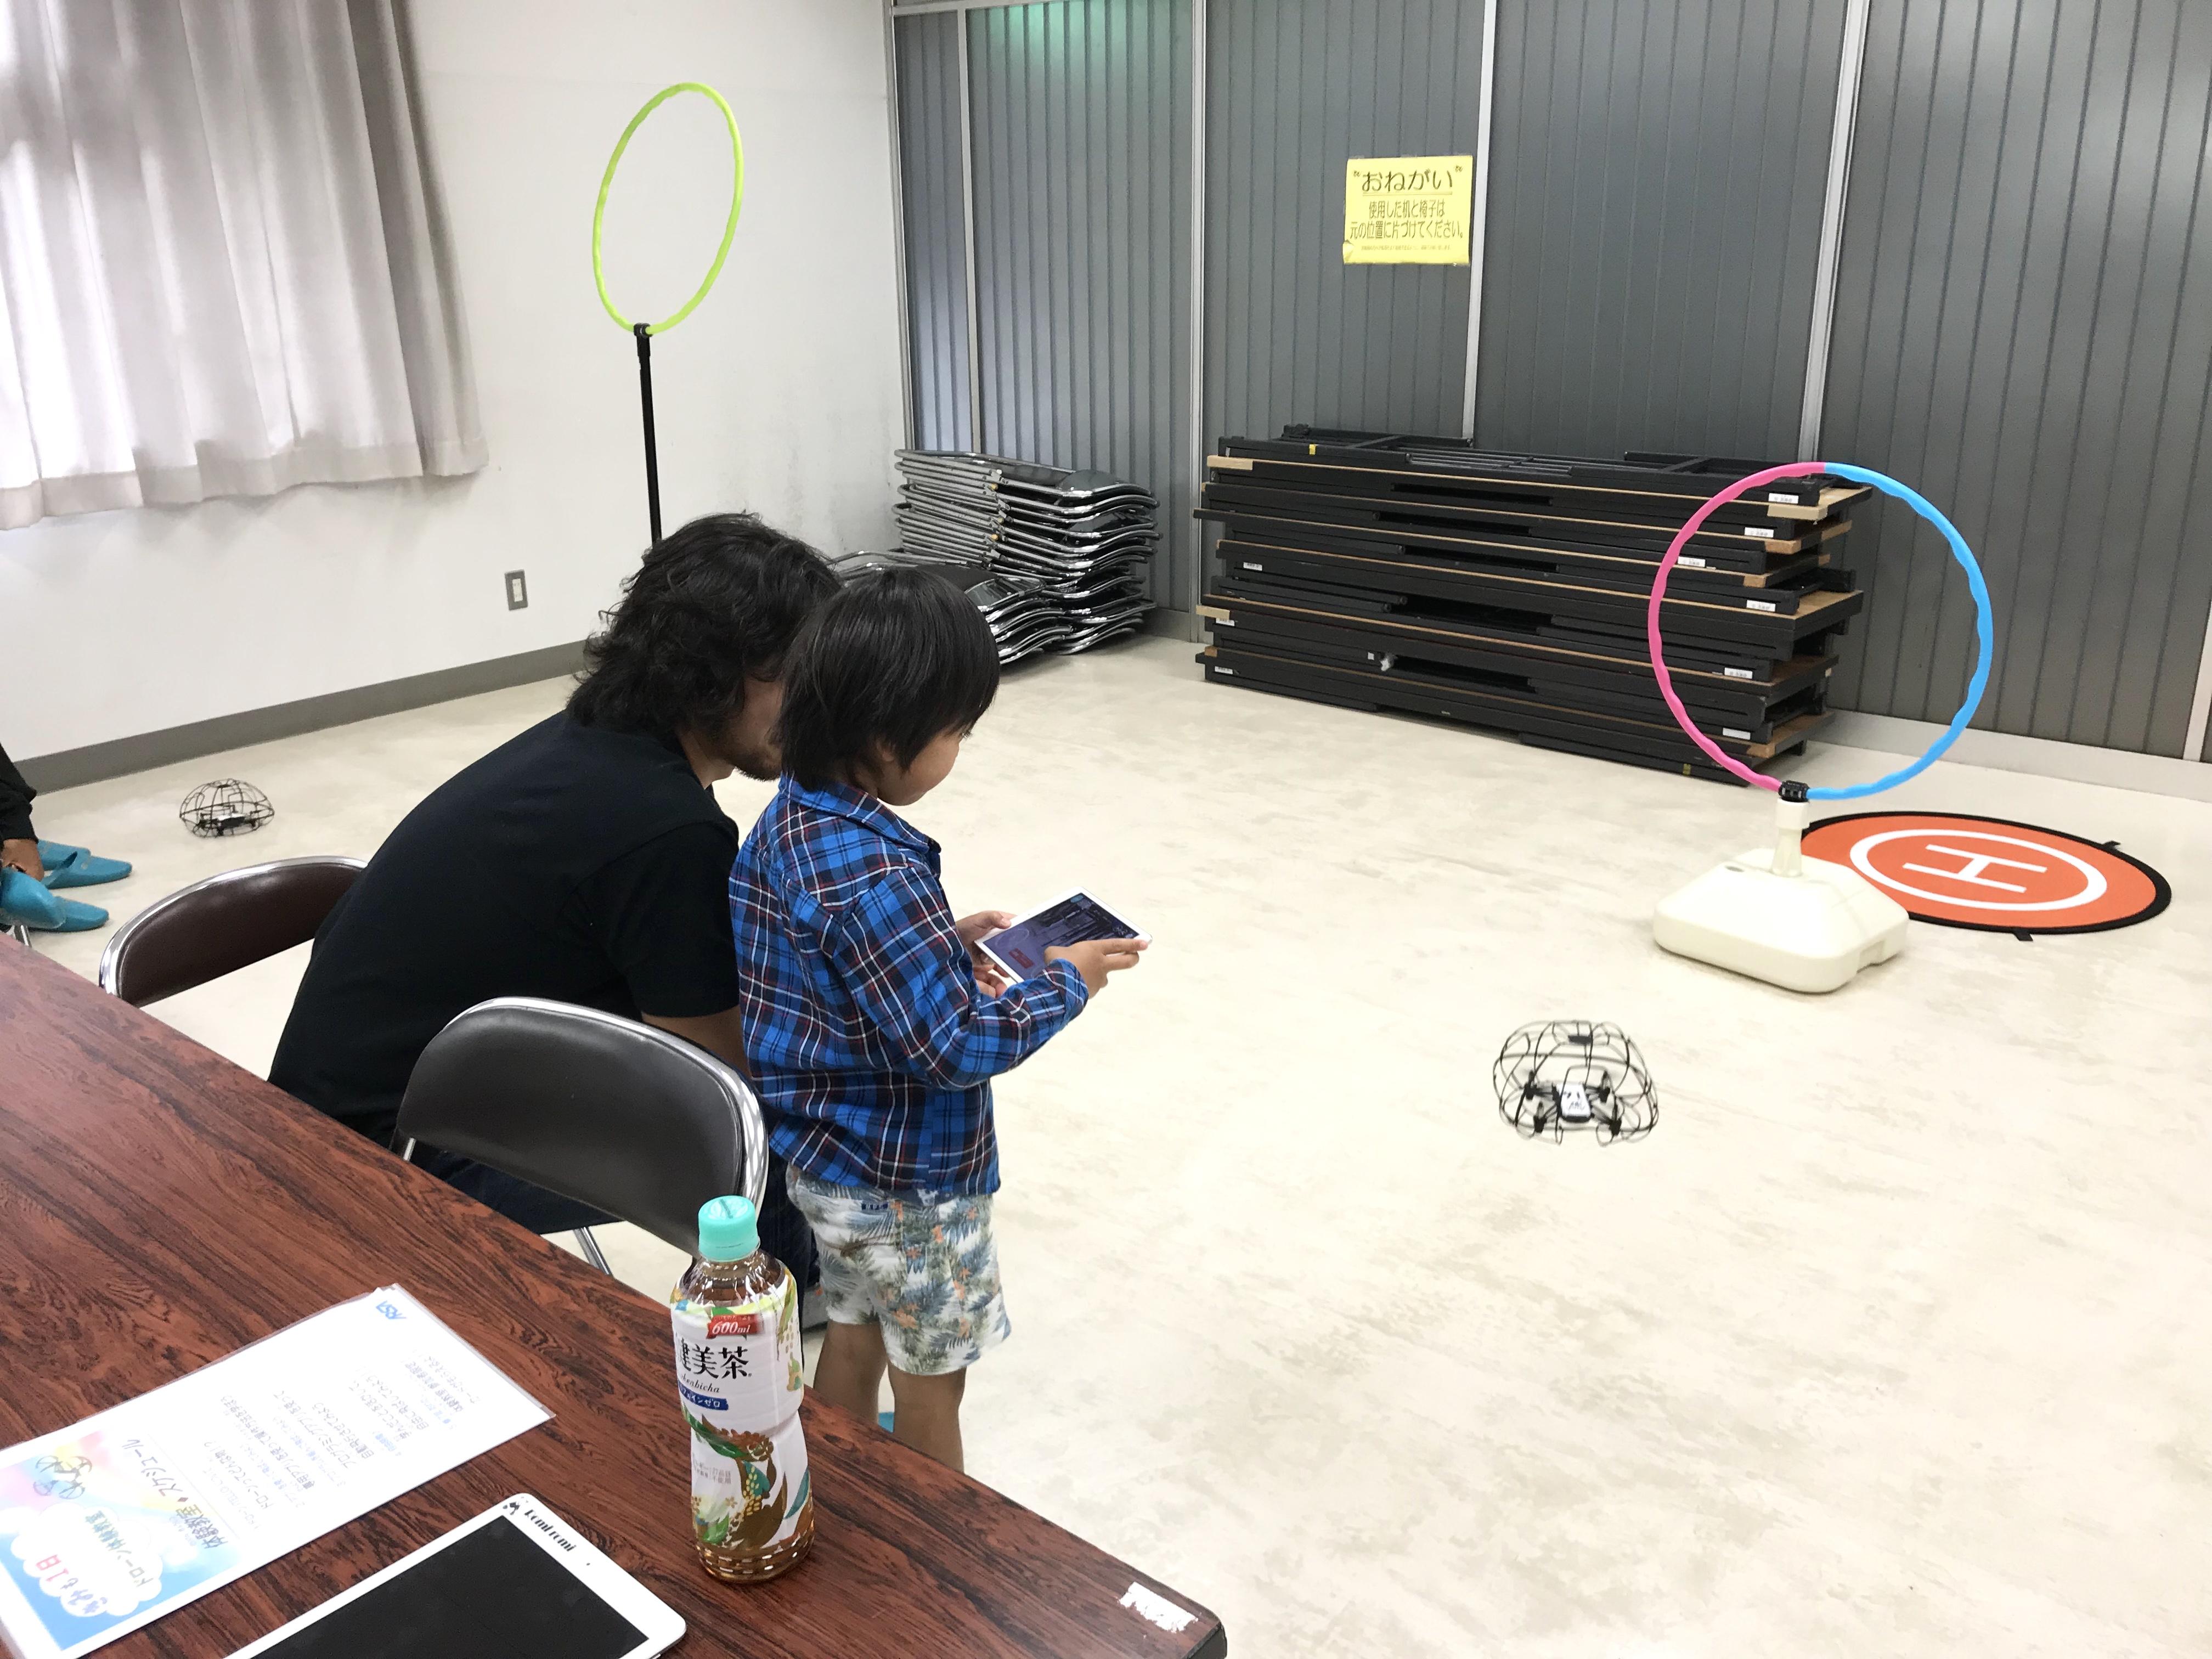 福島県 | 会津若松 | 佐藤林業 | ドローン | プログラミング